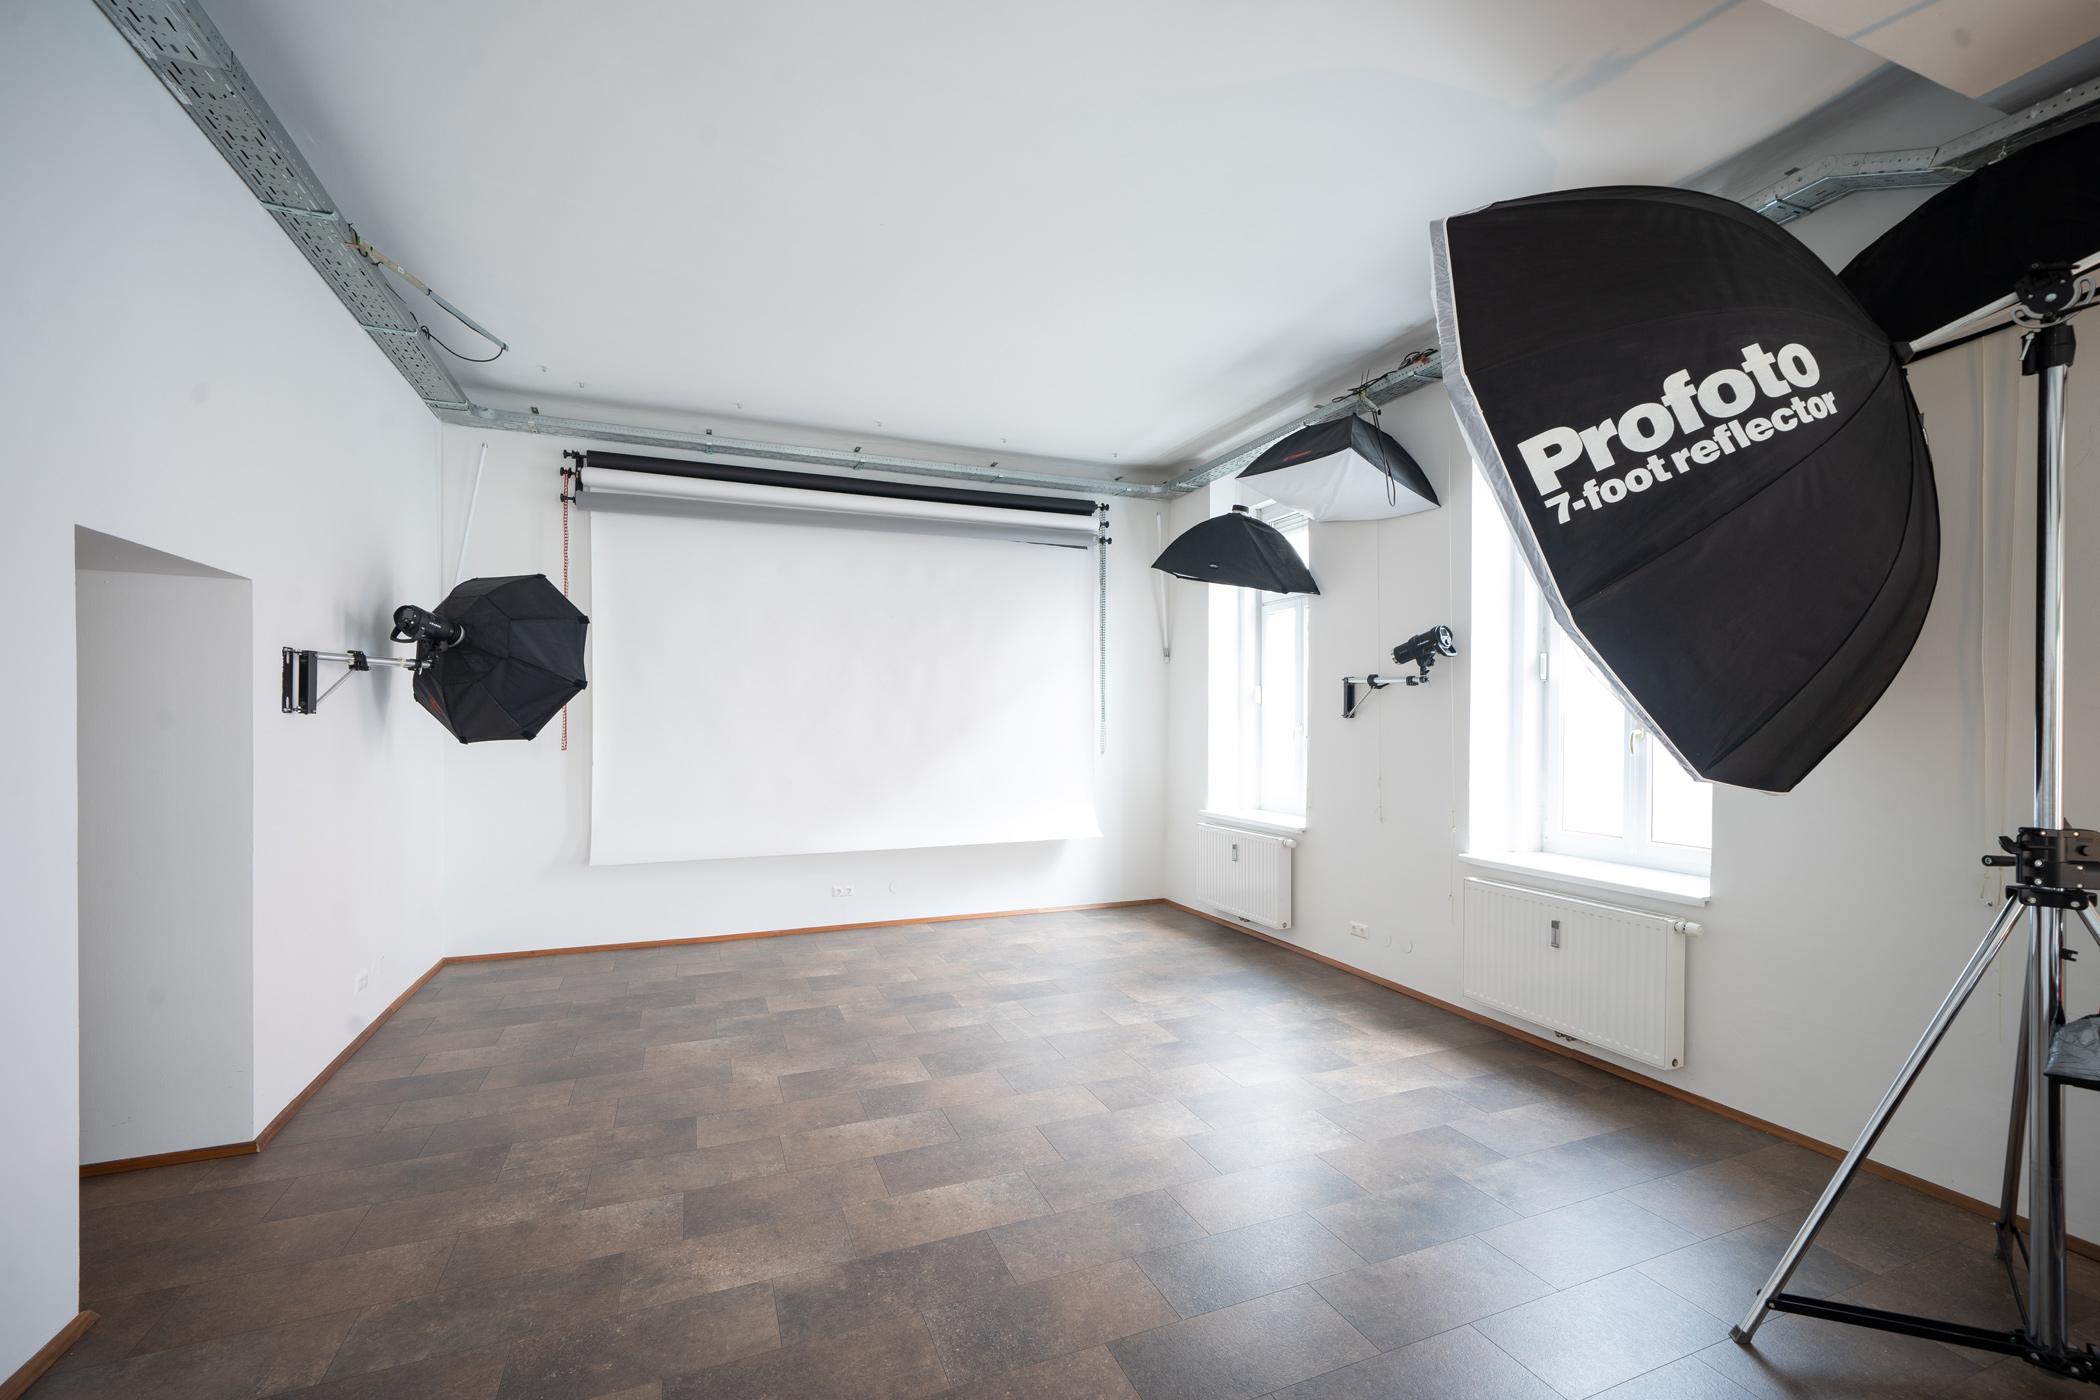 Foto von der Studiofläche des Fotostudio Blendpunkt in Graz